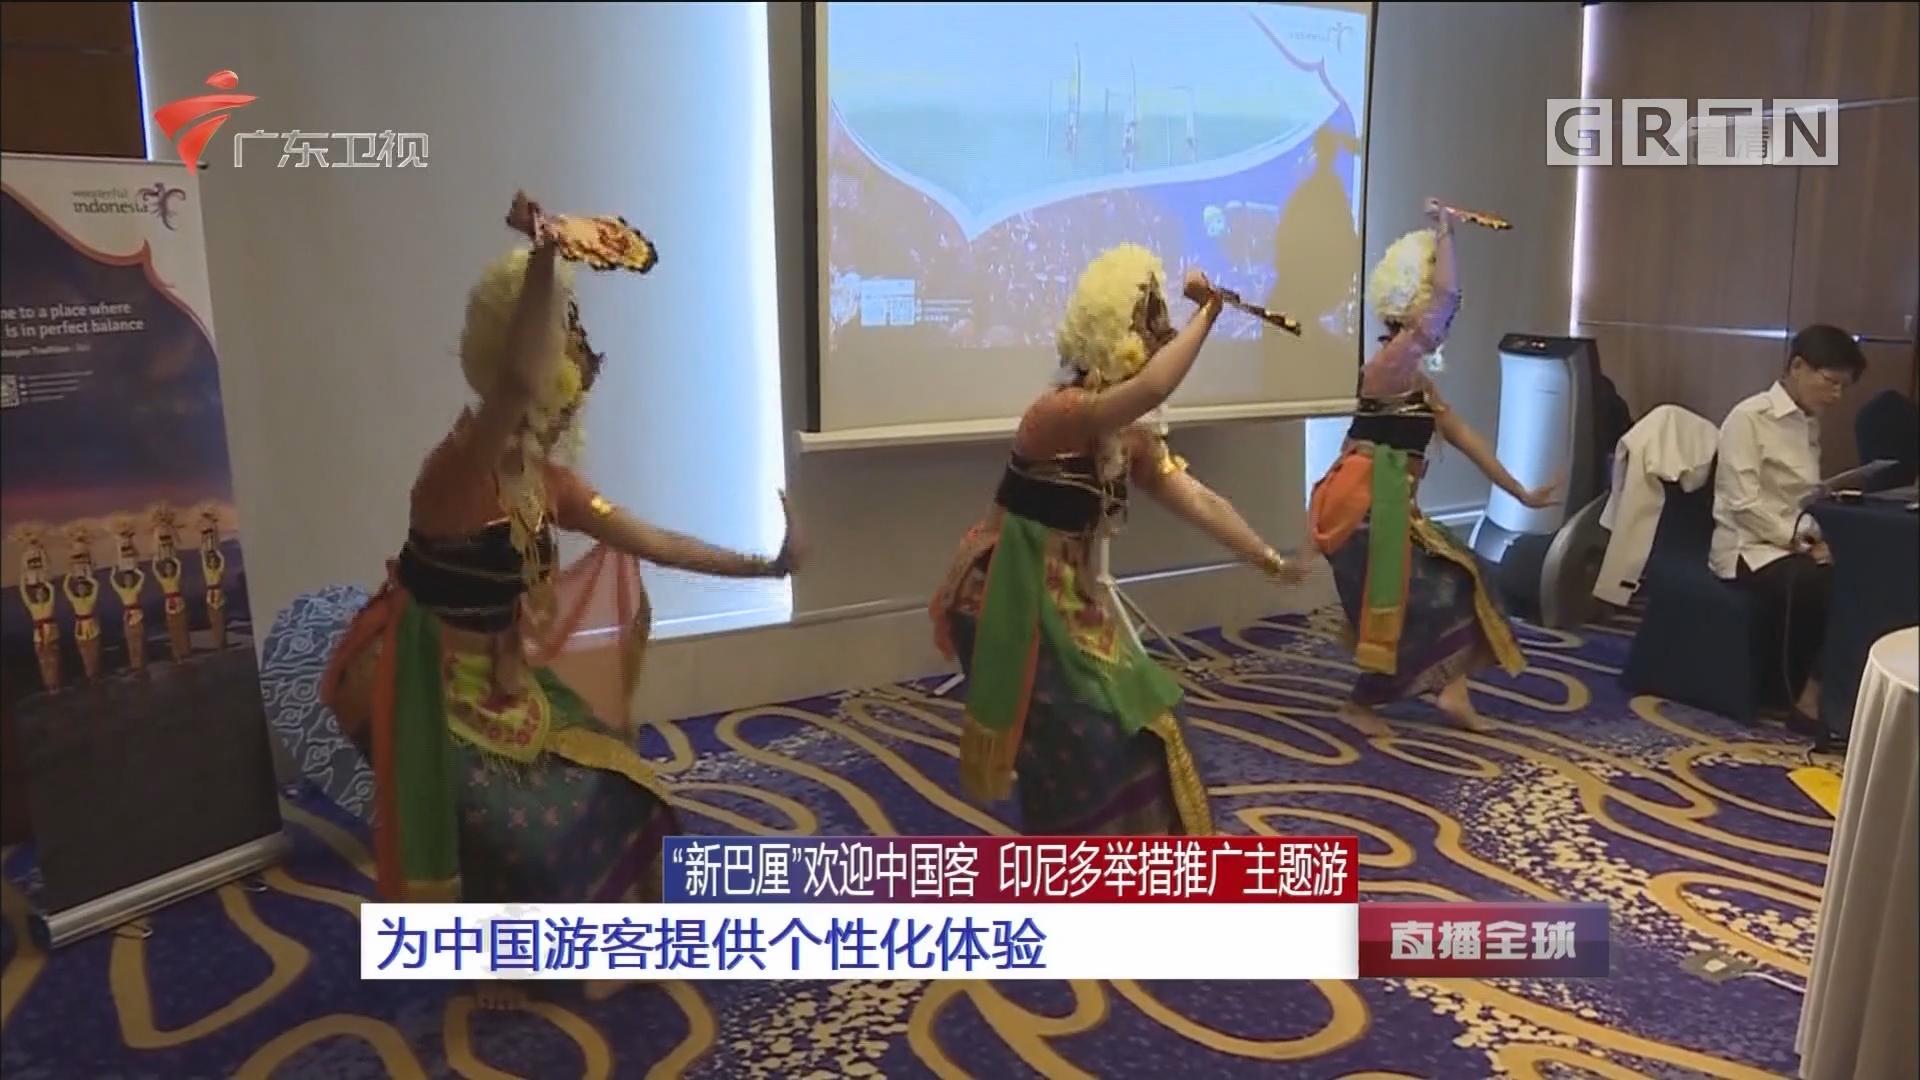 """""""新巴厘""""欢迎中国客 印尼多举措推广主题游:为中国游客提供个性化体验"""